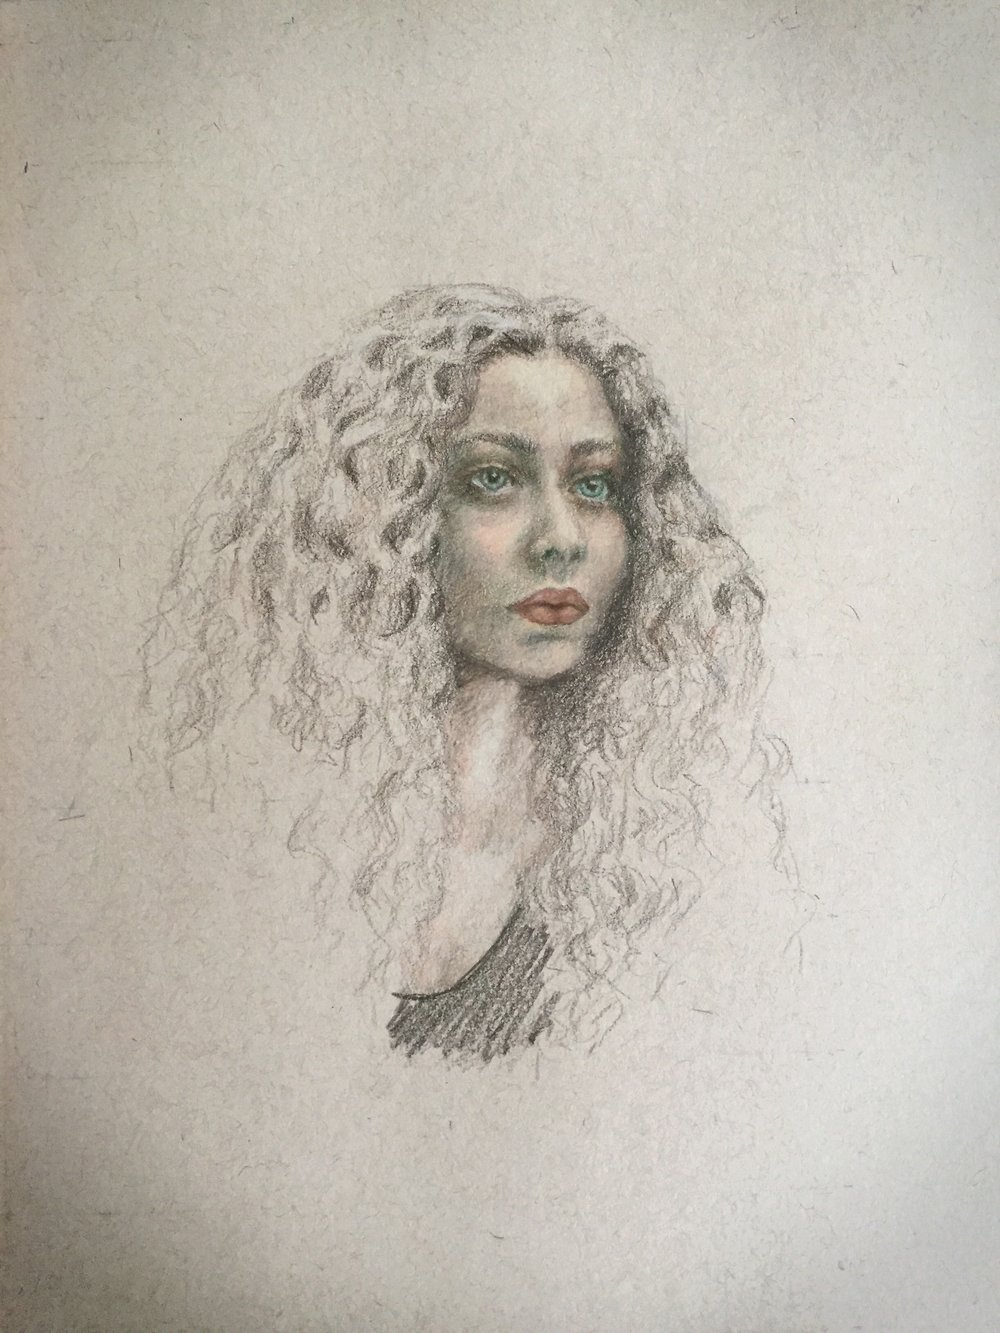 By Christie Chisholm